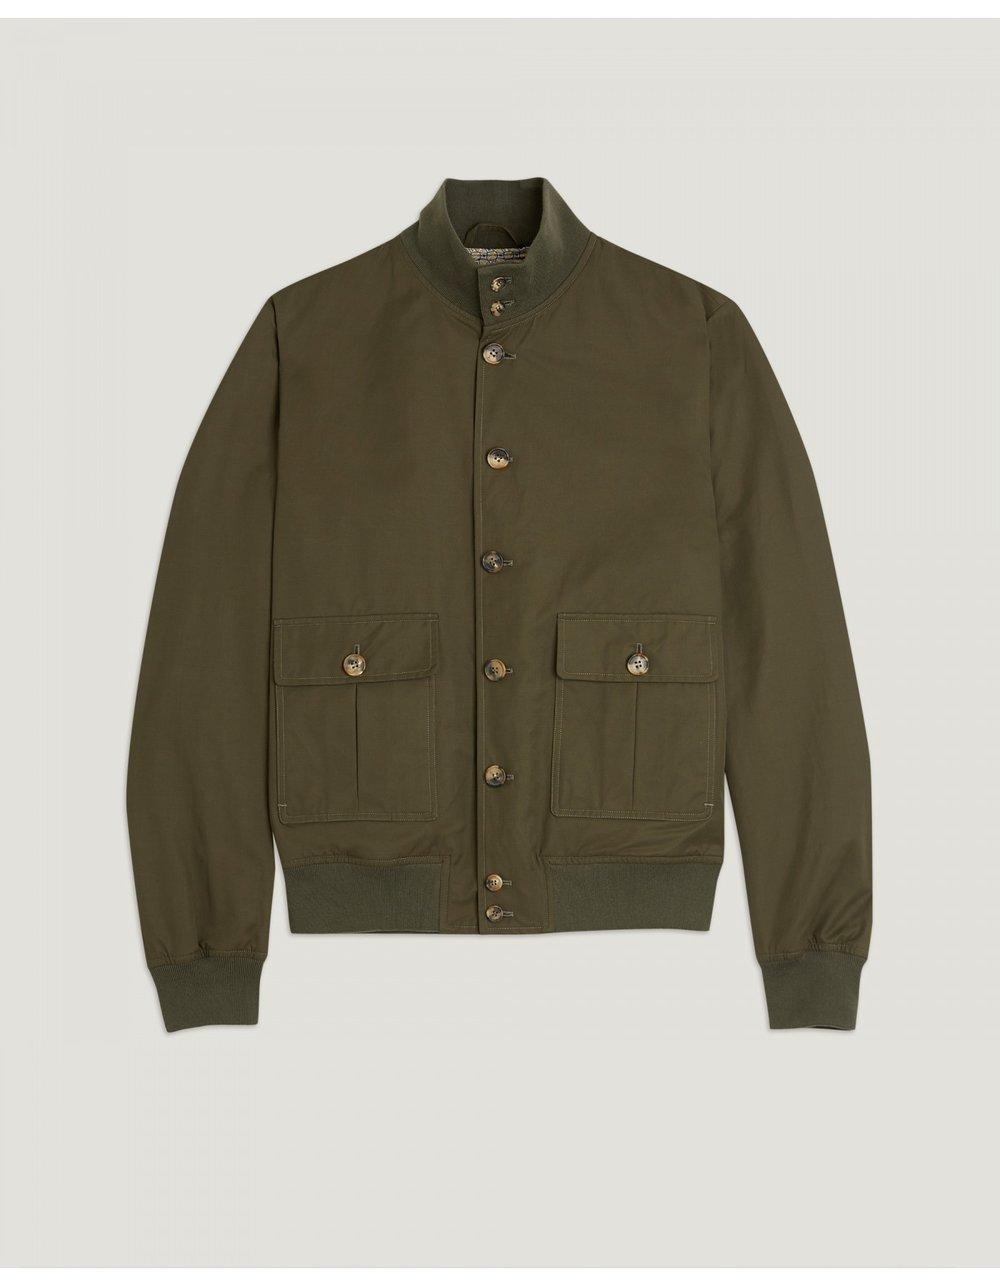 valstar_cotton_valstarino_jacket_olive_1_12.jpg